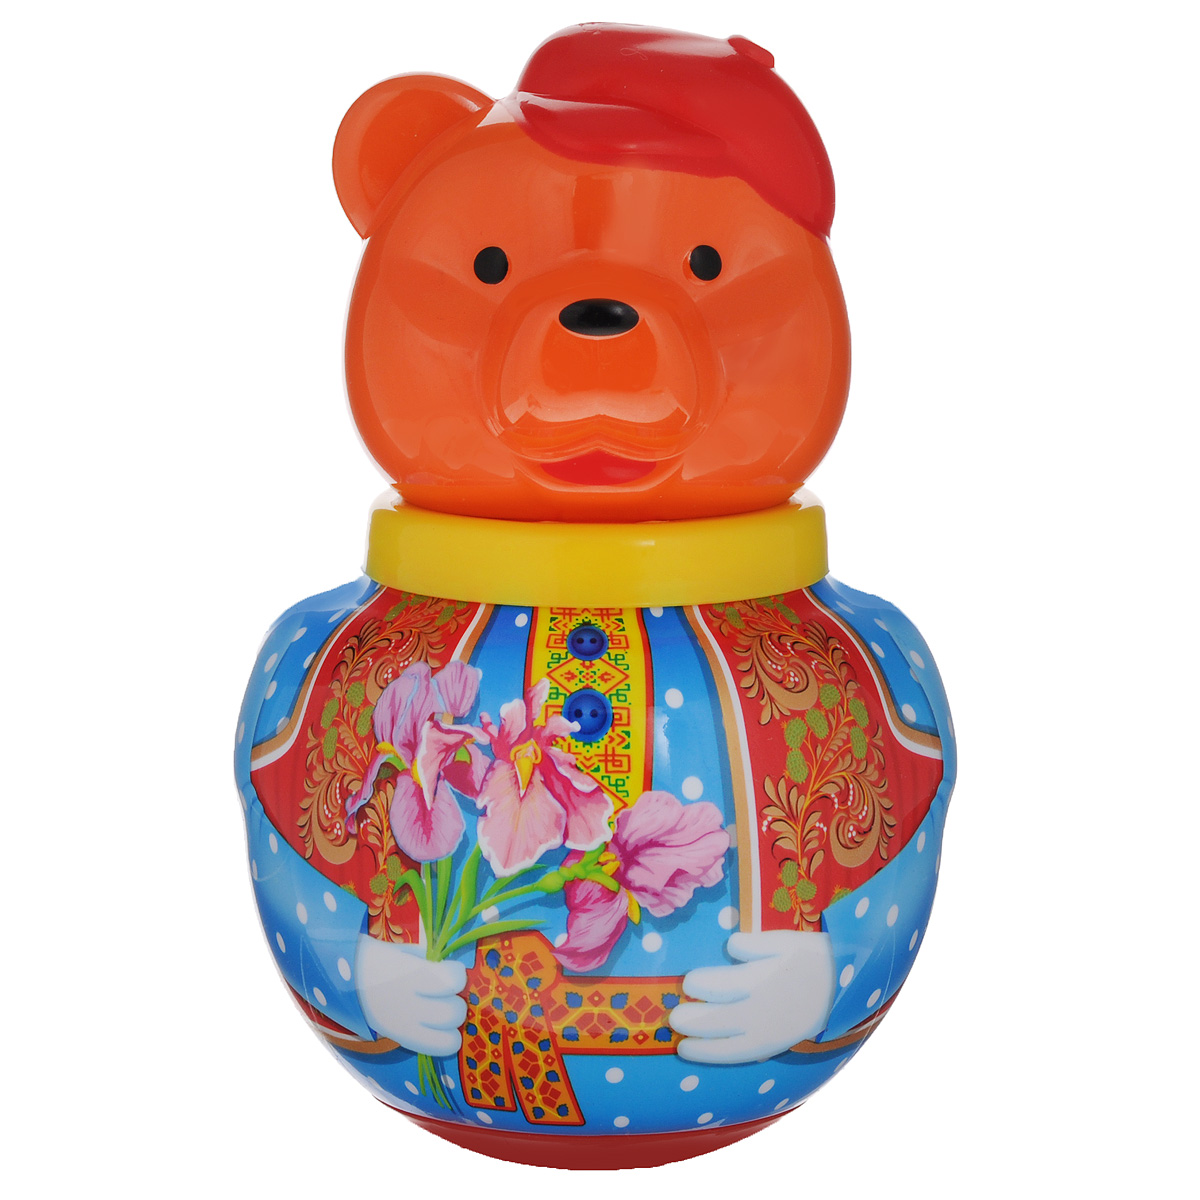 Неваляшка Stellar Бурый медведь Потапыч , 16 см, в ассортименте, Стеллар, Первые игрушки  - купить со скидкой